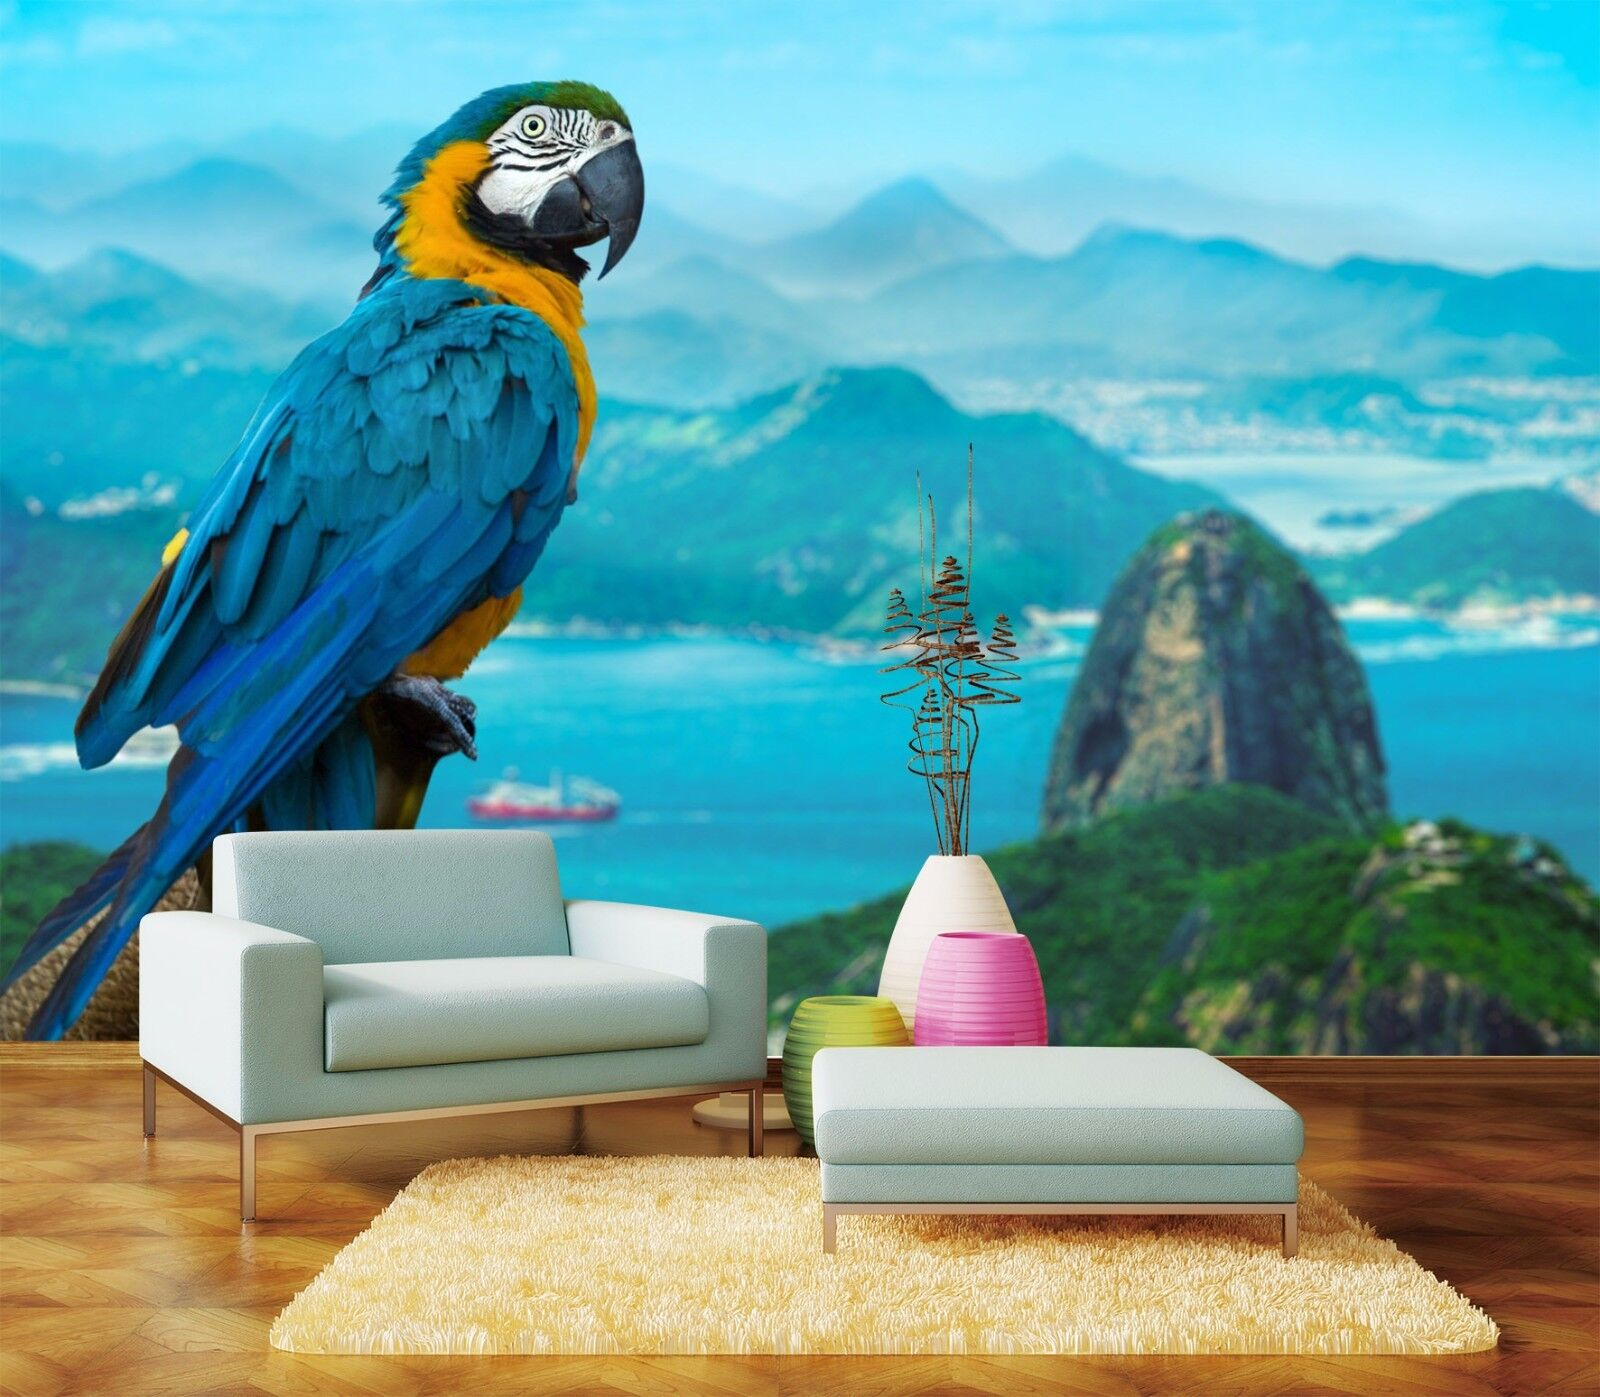 3D Bule Parrot 4 Wallpaper Murals Wall Print Wallpaper Mural AJ WALL AU Lemon